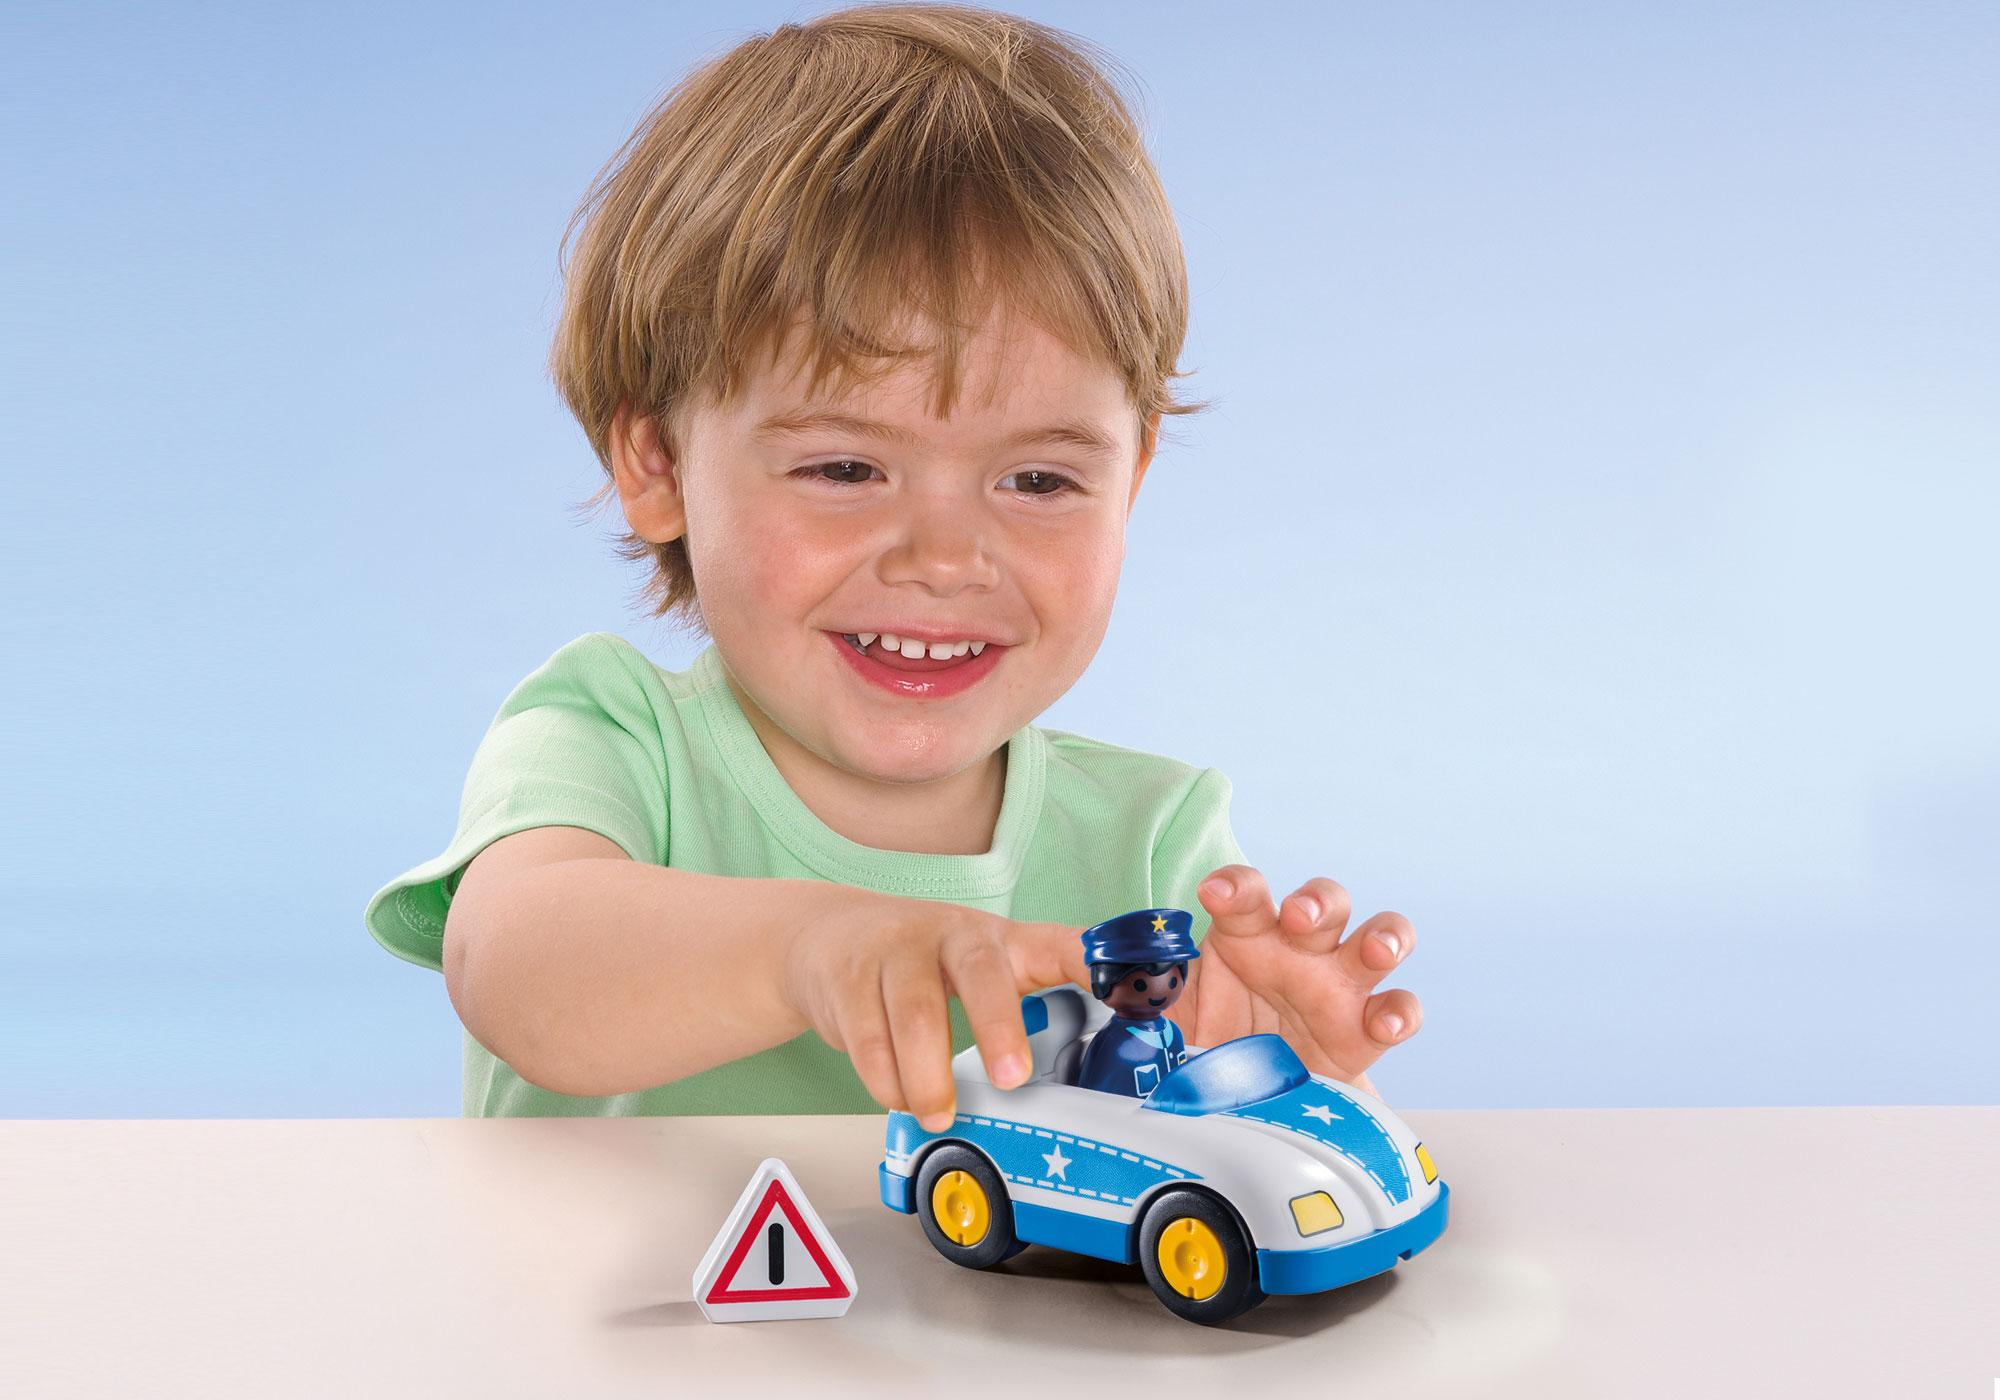 http://media.playmobil.com/i/playmobil/9384_product_extra1/Police Car